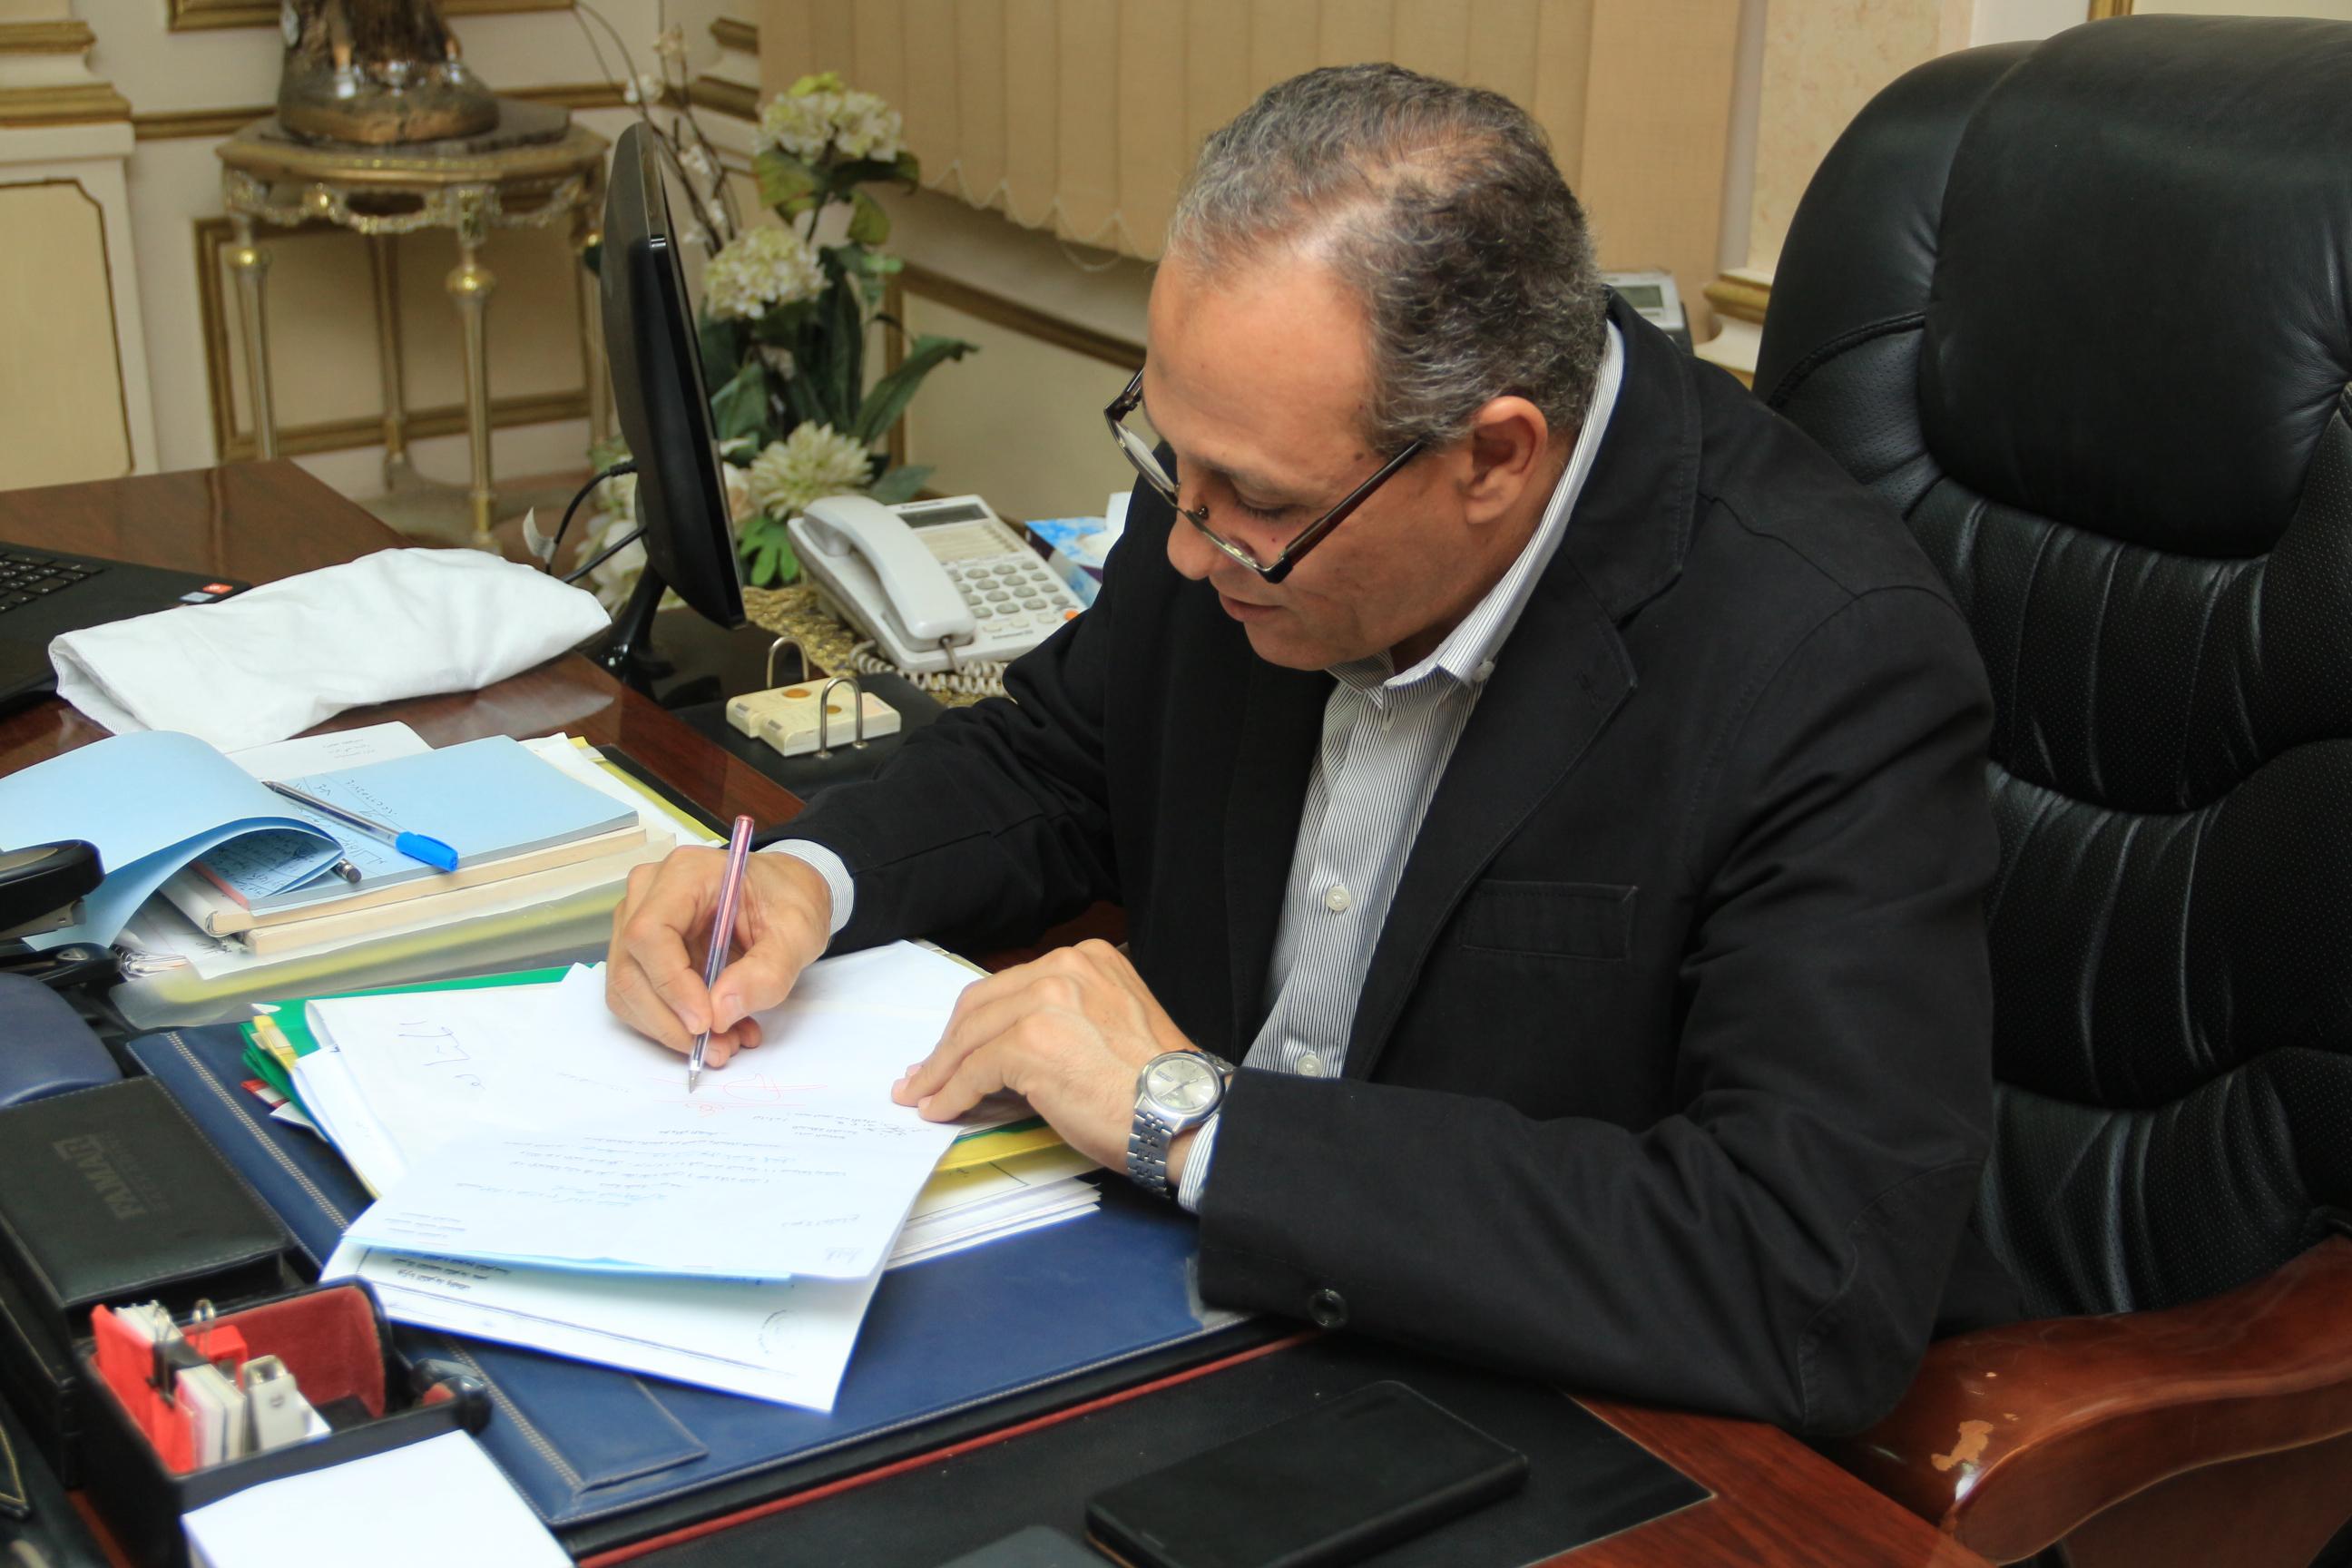 Hesham Khashaba